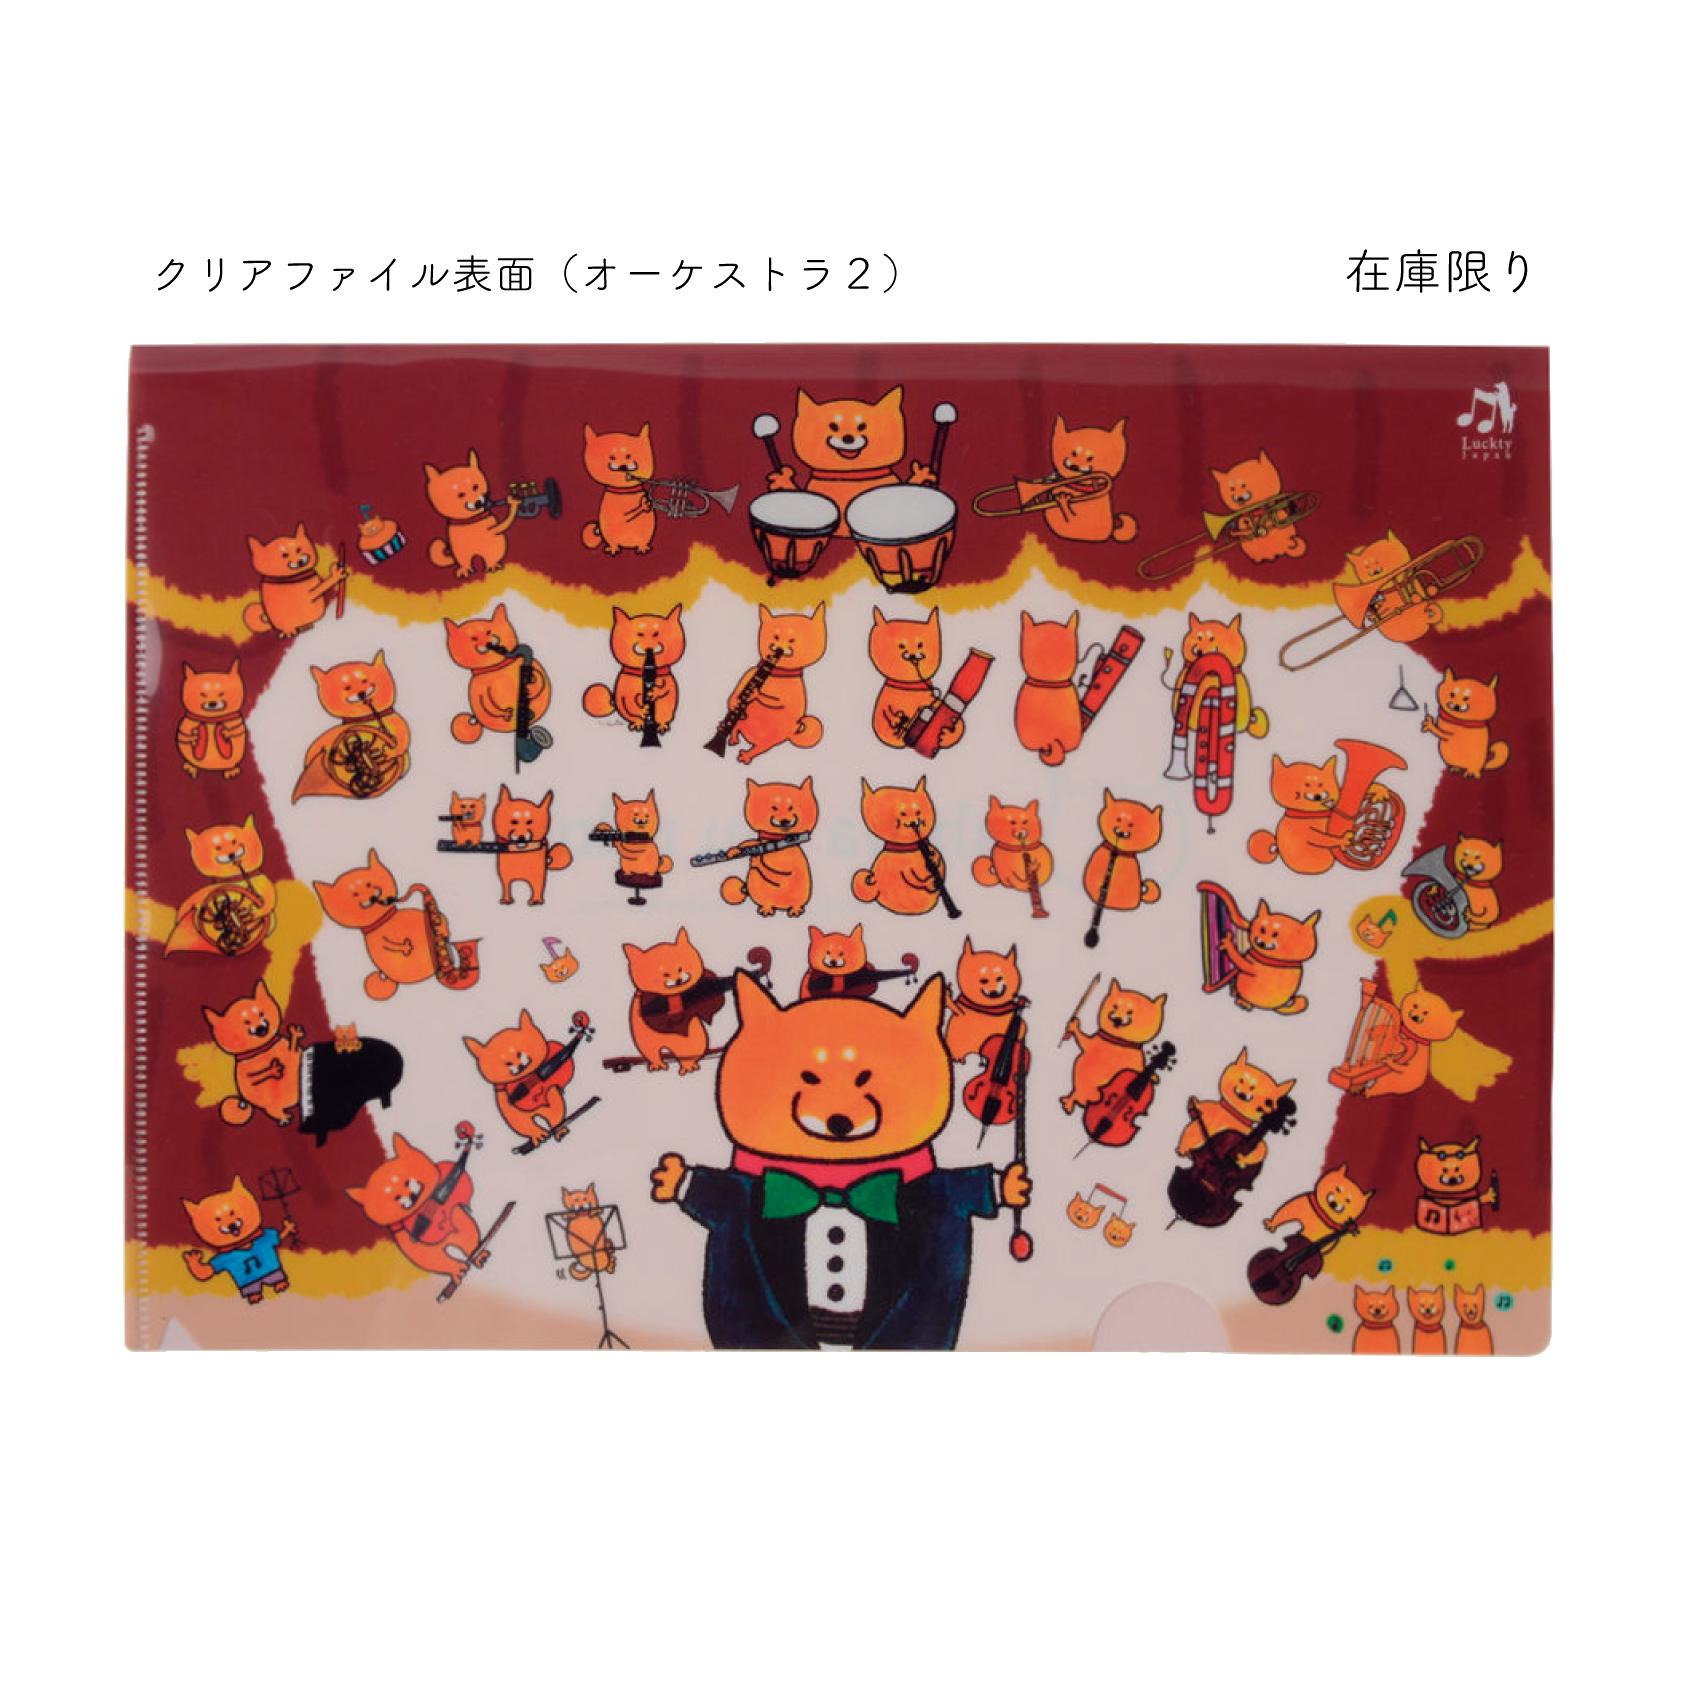 柴犬ラク クリアファイル(A4・オーケストラ2)